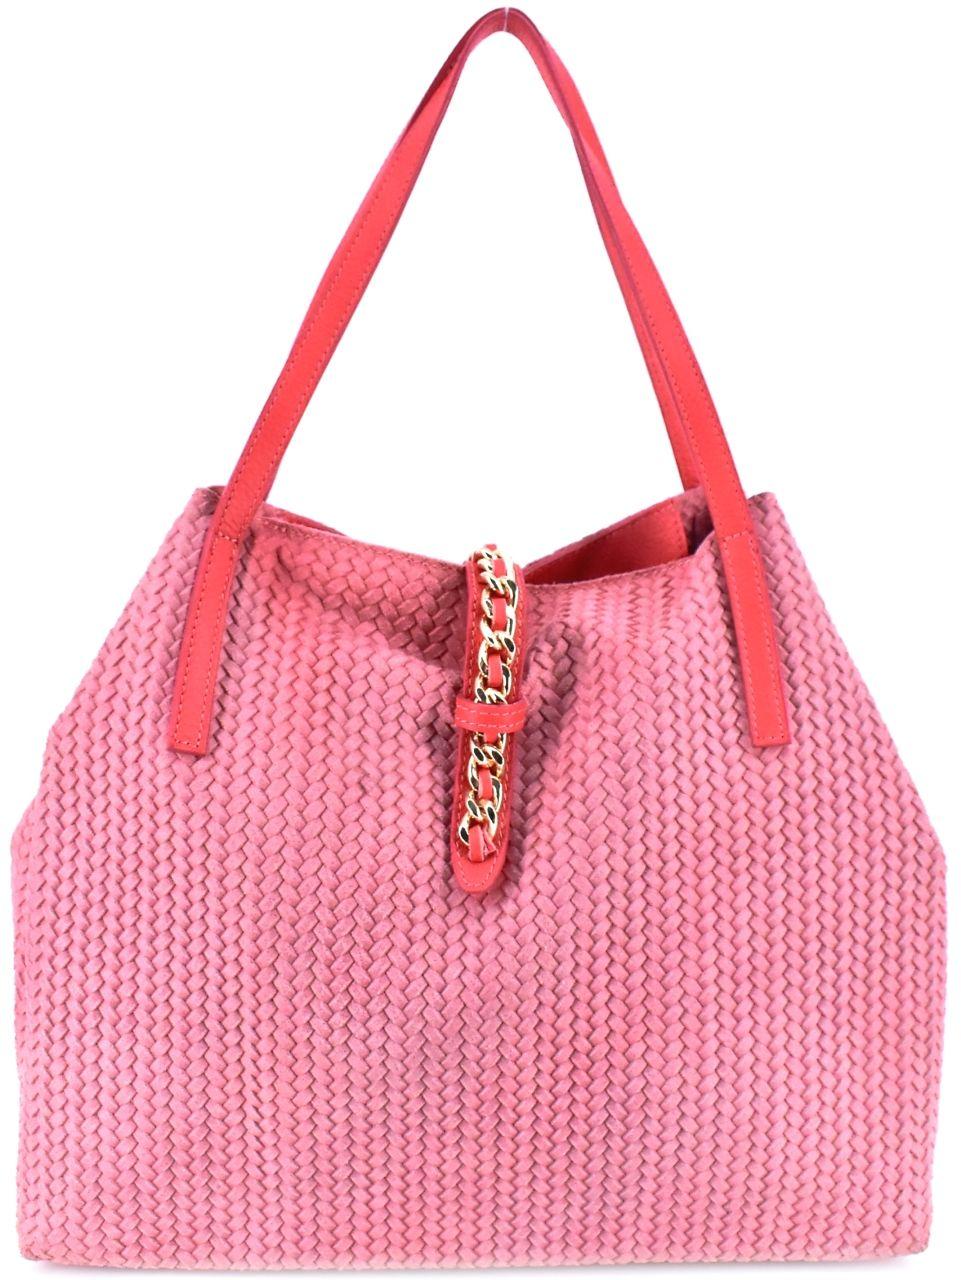 Dámská kožená kabelka Arteddy - červená 29547